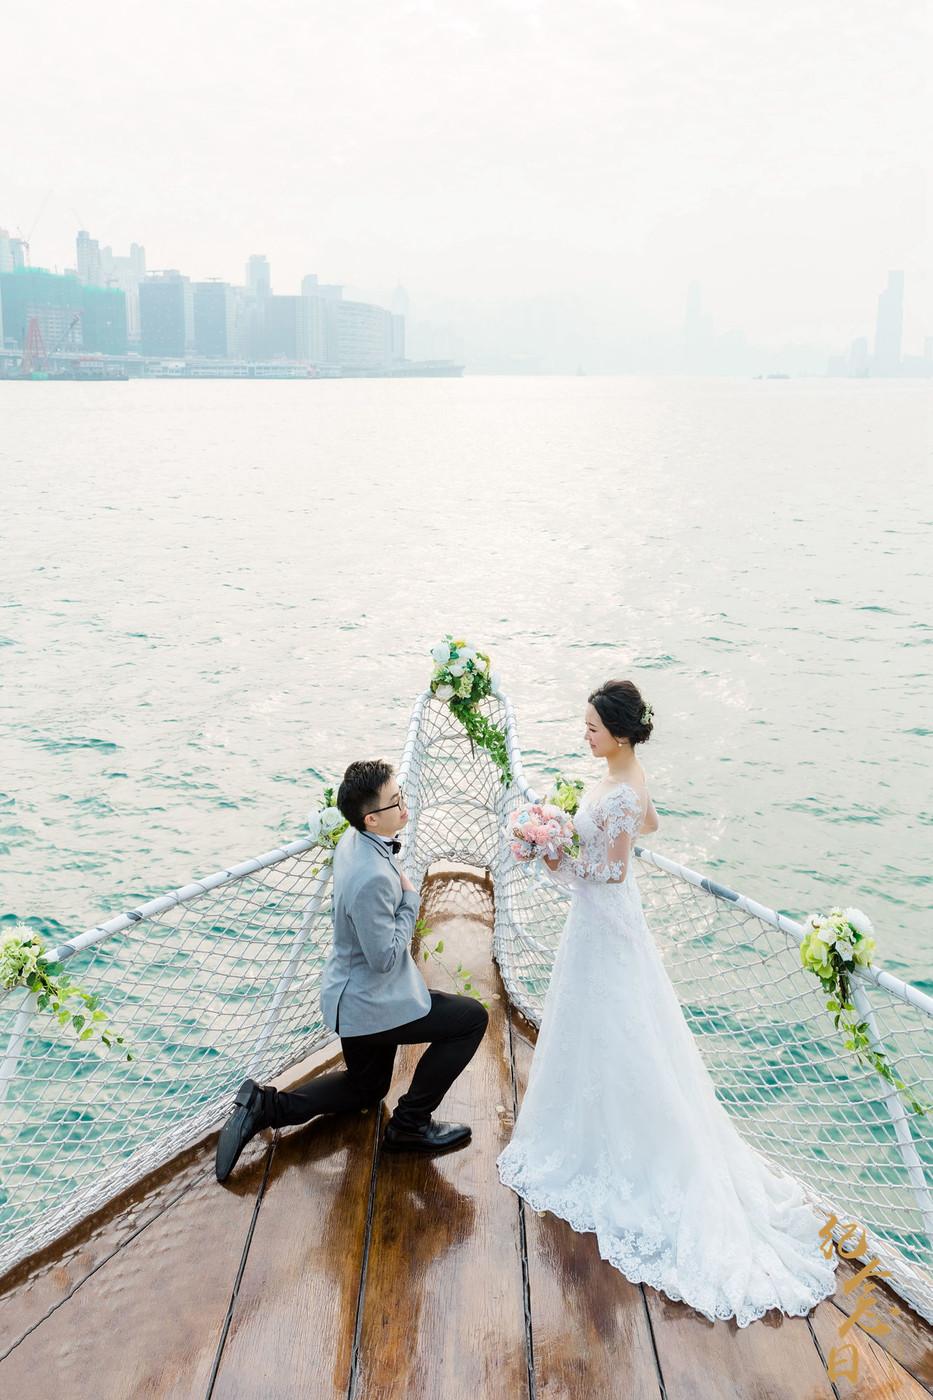 婚礼跟拍 |  Ben & Kay32